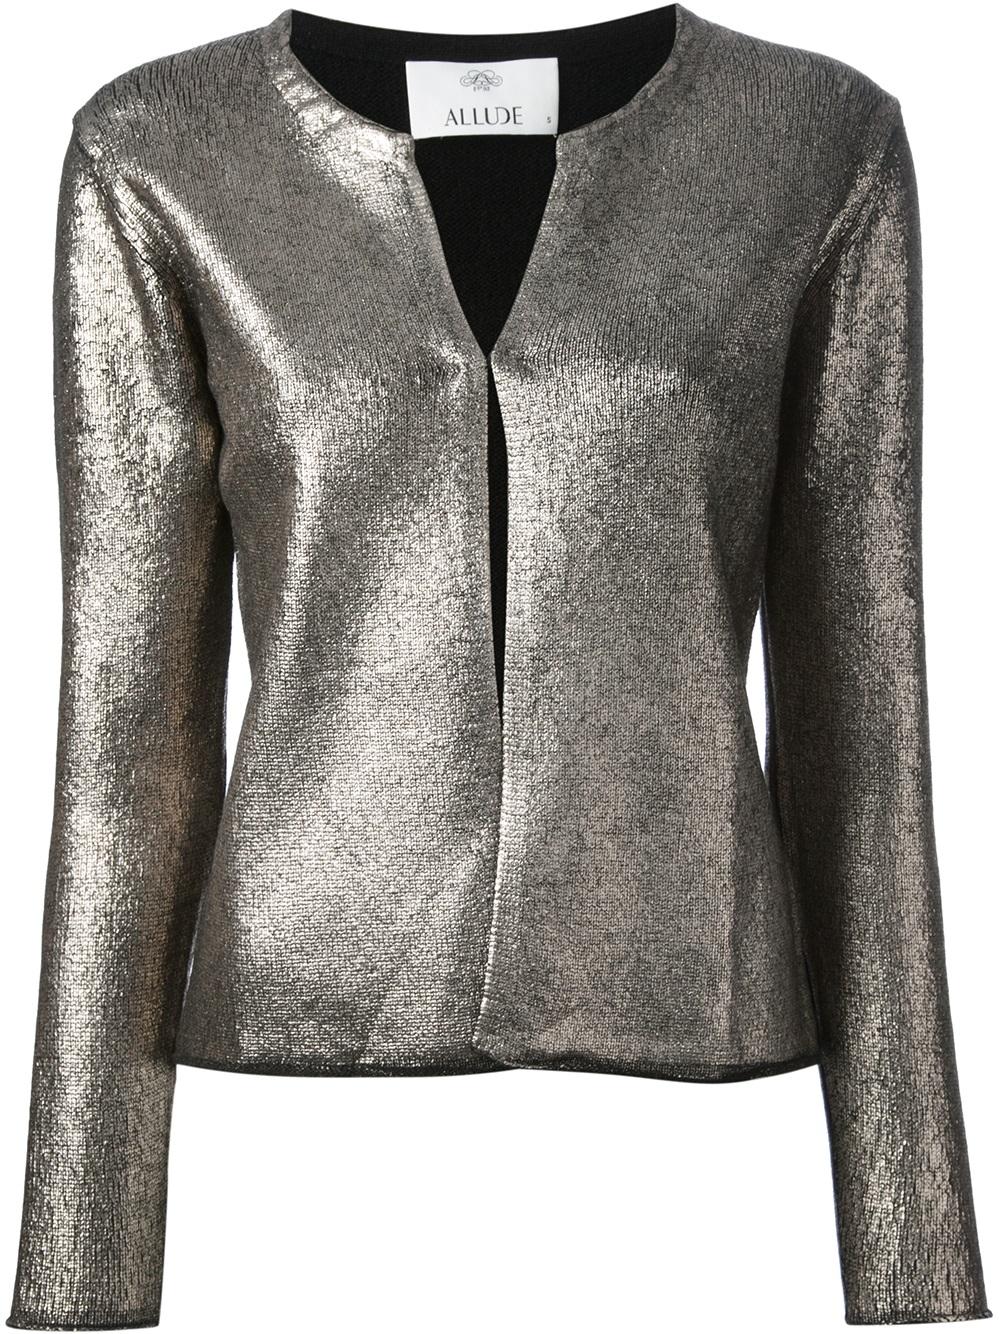 Lyst Allude Metallic Coated Cardigan In Metallic